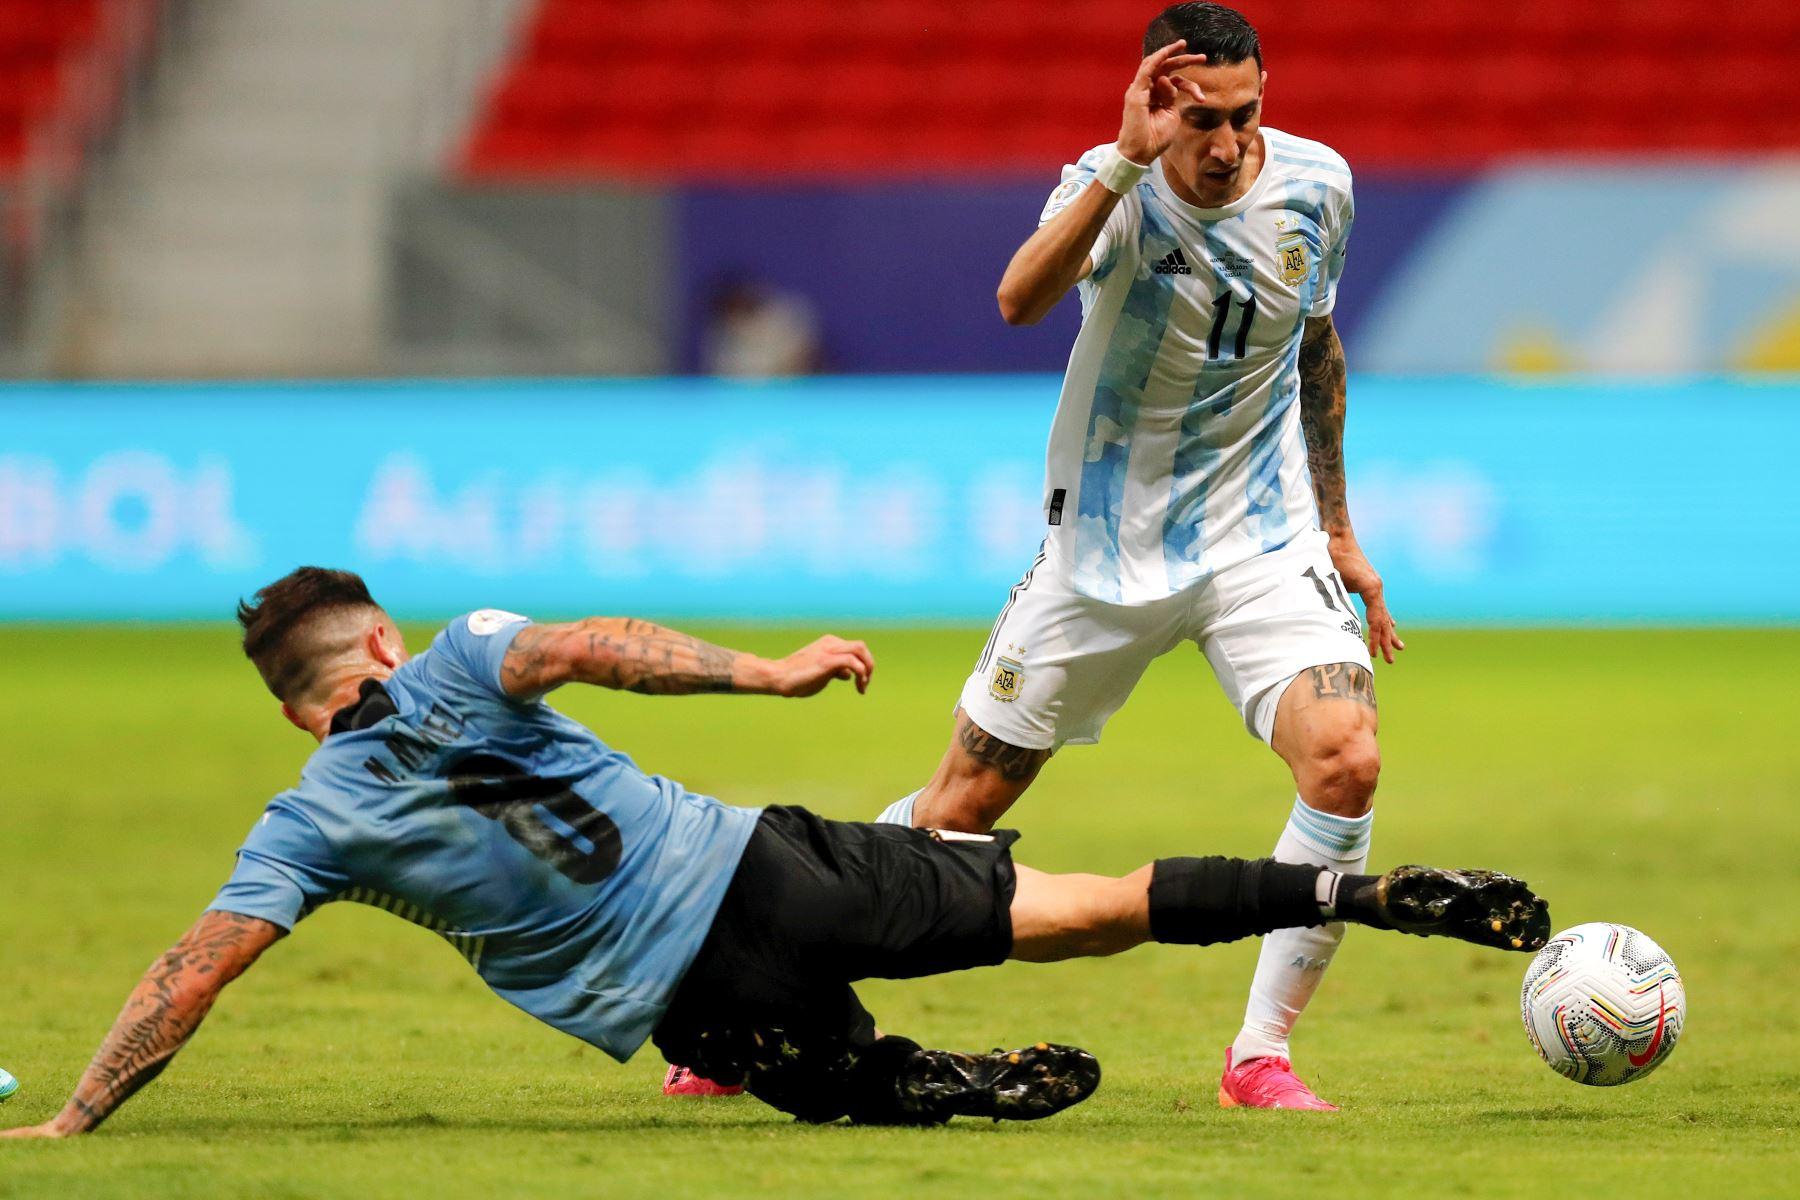 Ángel Di María de Argentina disputa el balón con Nahitan Nández de Uruguay durante un partido por el grupo A de la Copa América, en el estadio Mané Garrincha, en Brasil. Foto: EFE